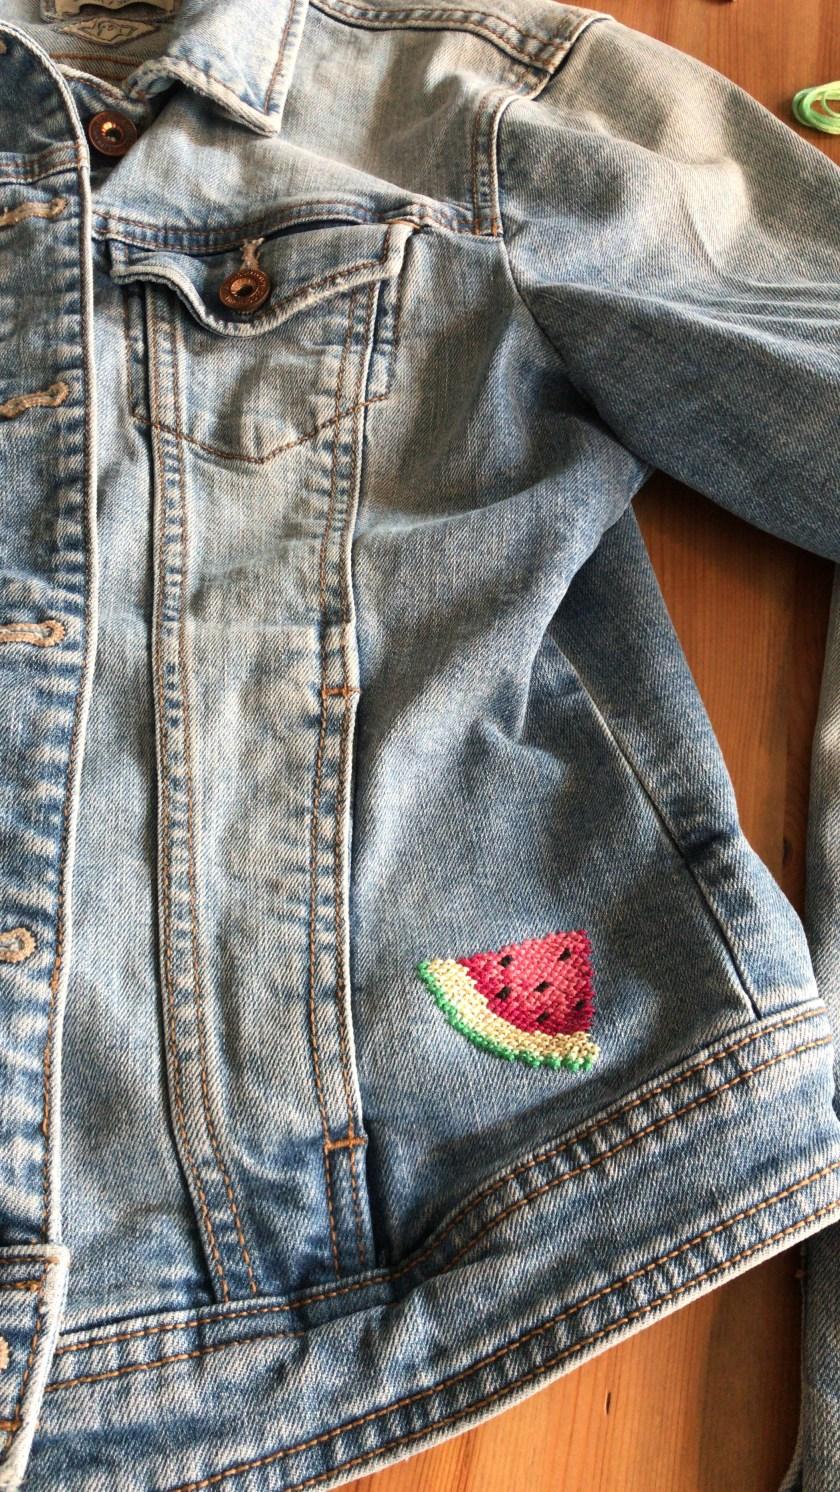 mlam noiram marion-lorraine Poncet broderie pastèque veste jeans